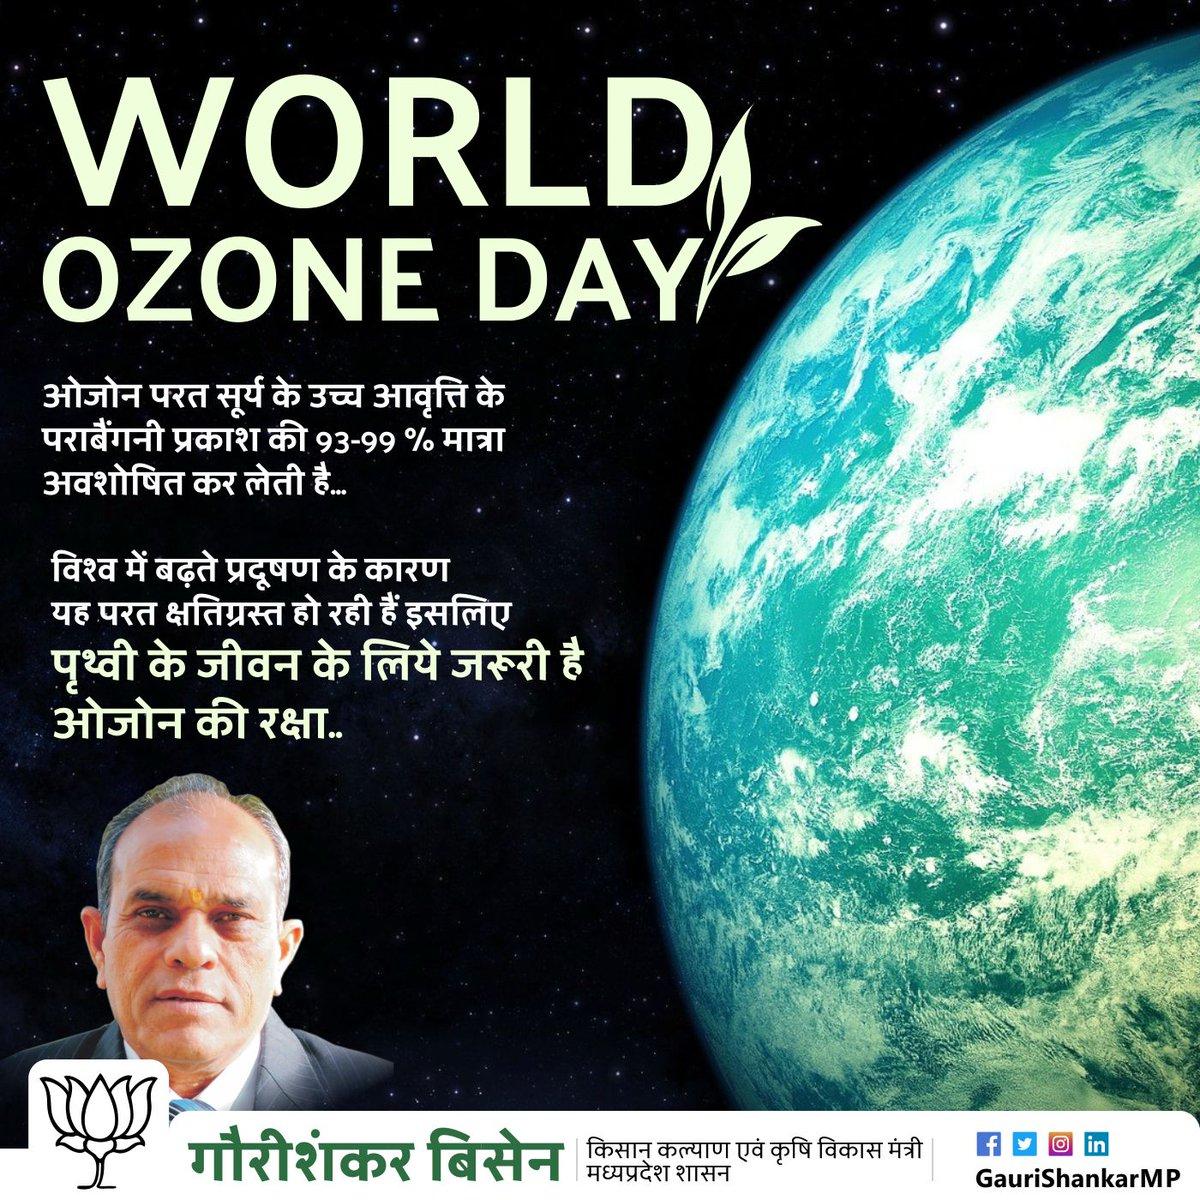 #WorldOzoneDay